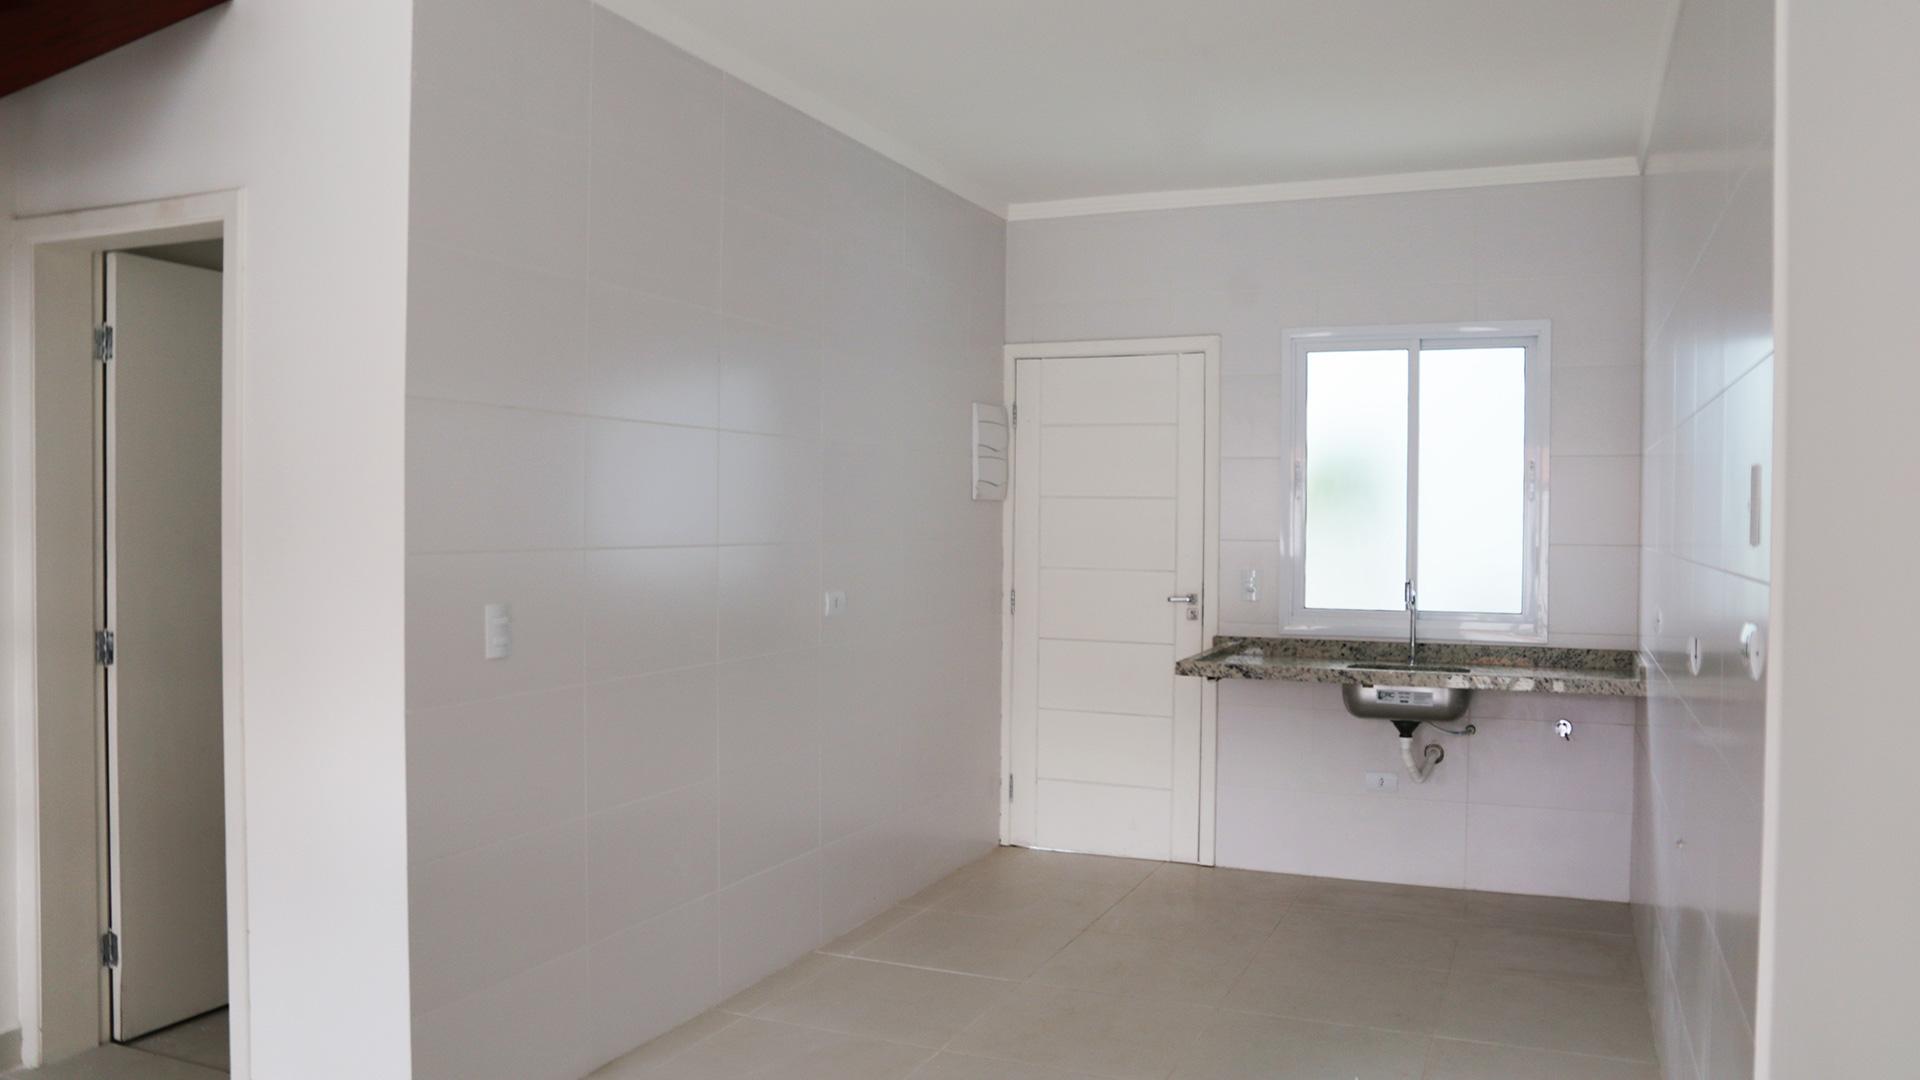 Sala-cozinha - acesso aos fundos